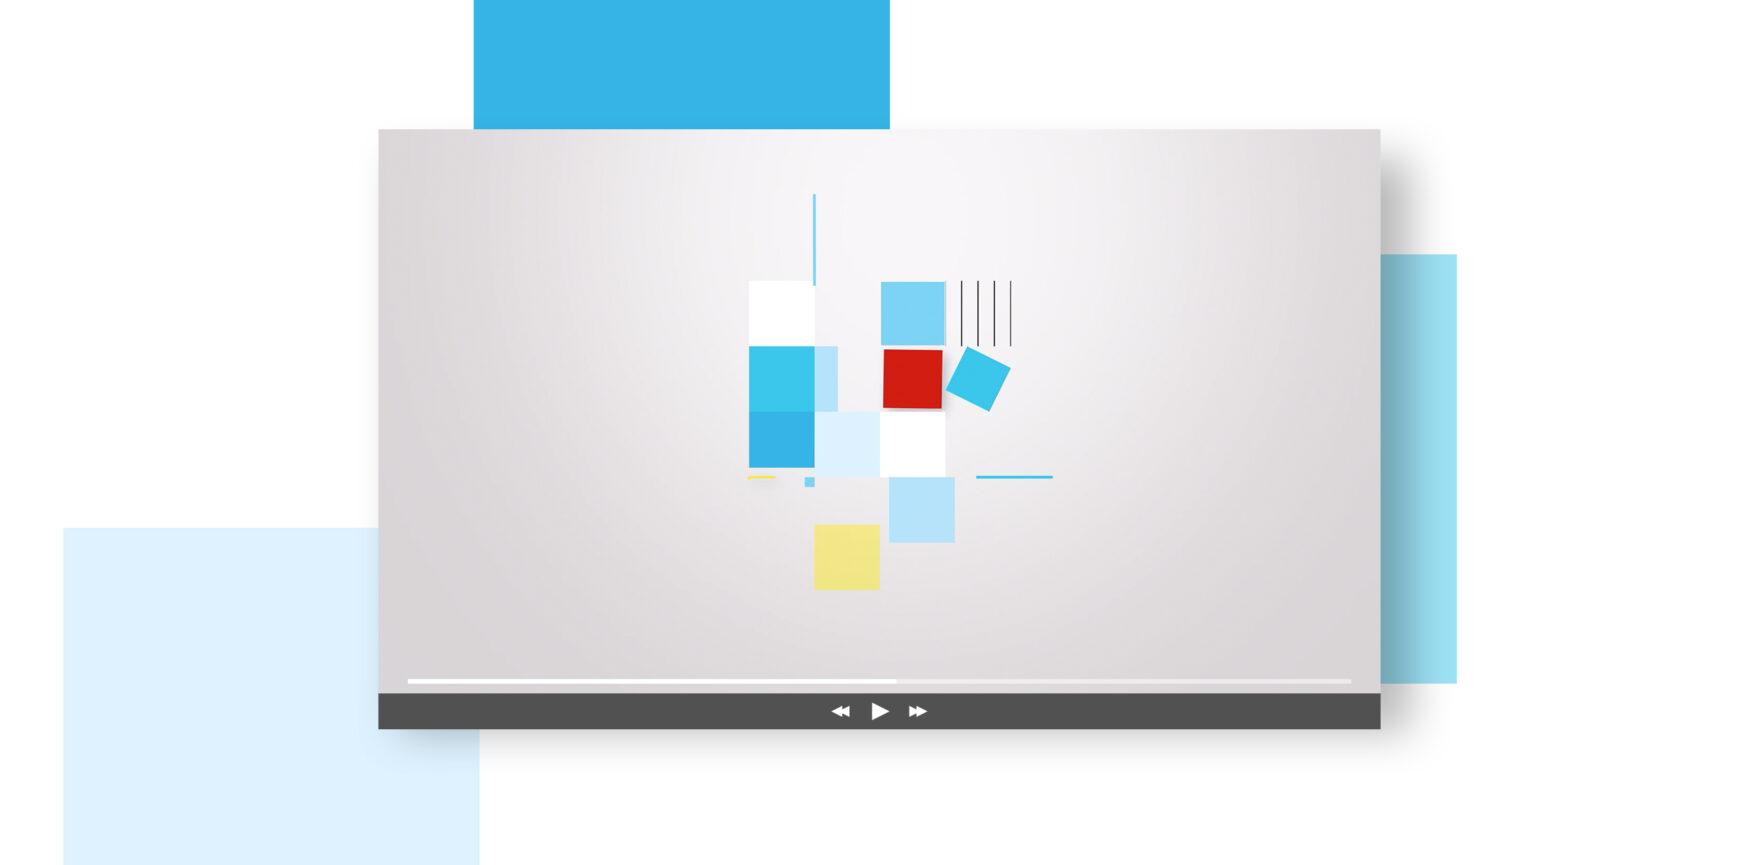 Animation Wort-Bild-Marke Bayerisches Staatsministerium für Digitales